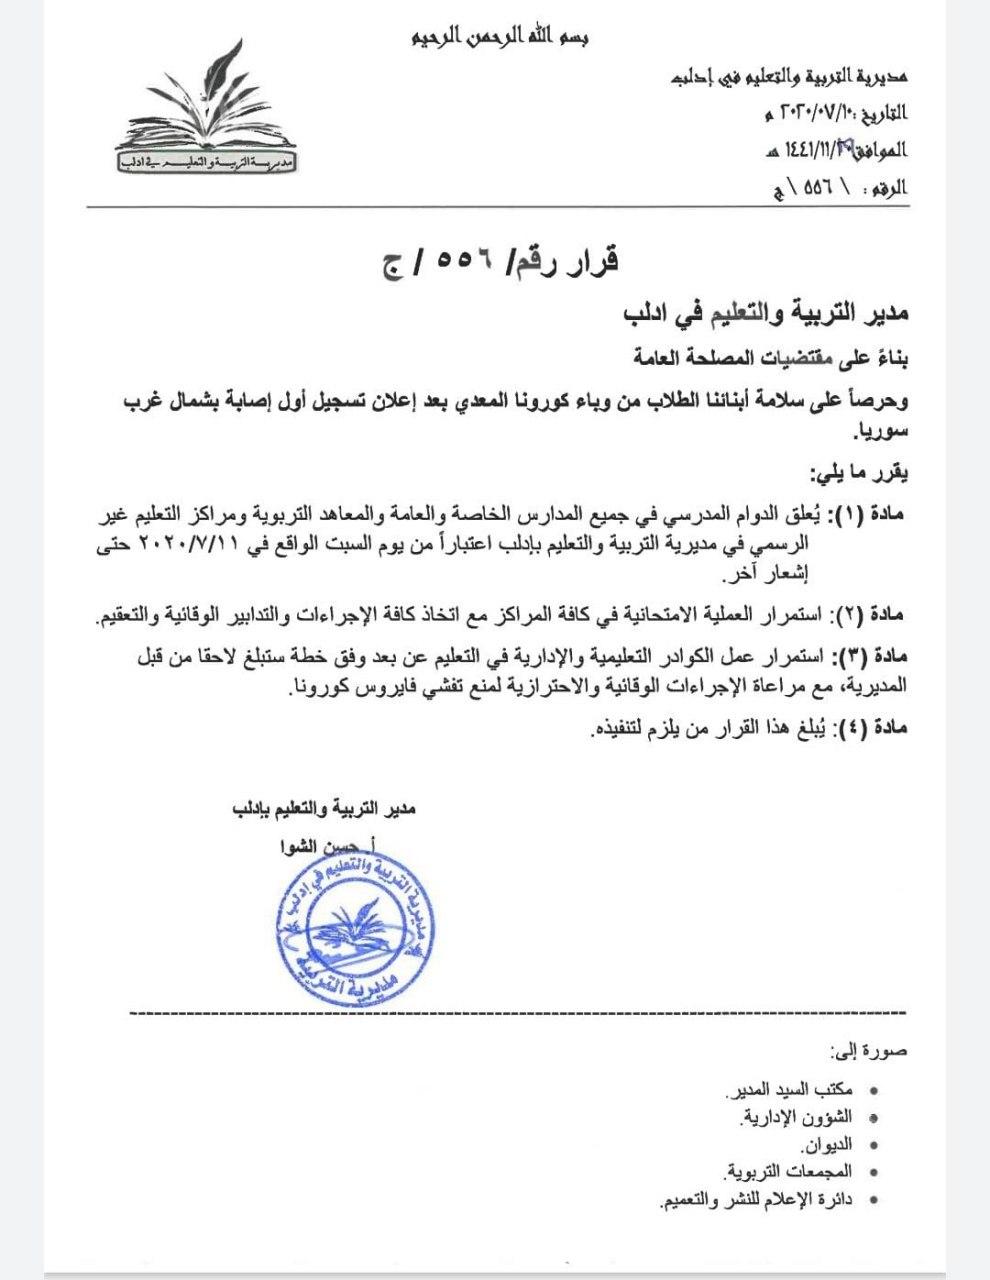 قرار مديرية التربية والتعليم في مدينة إدلب